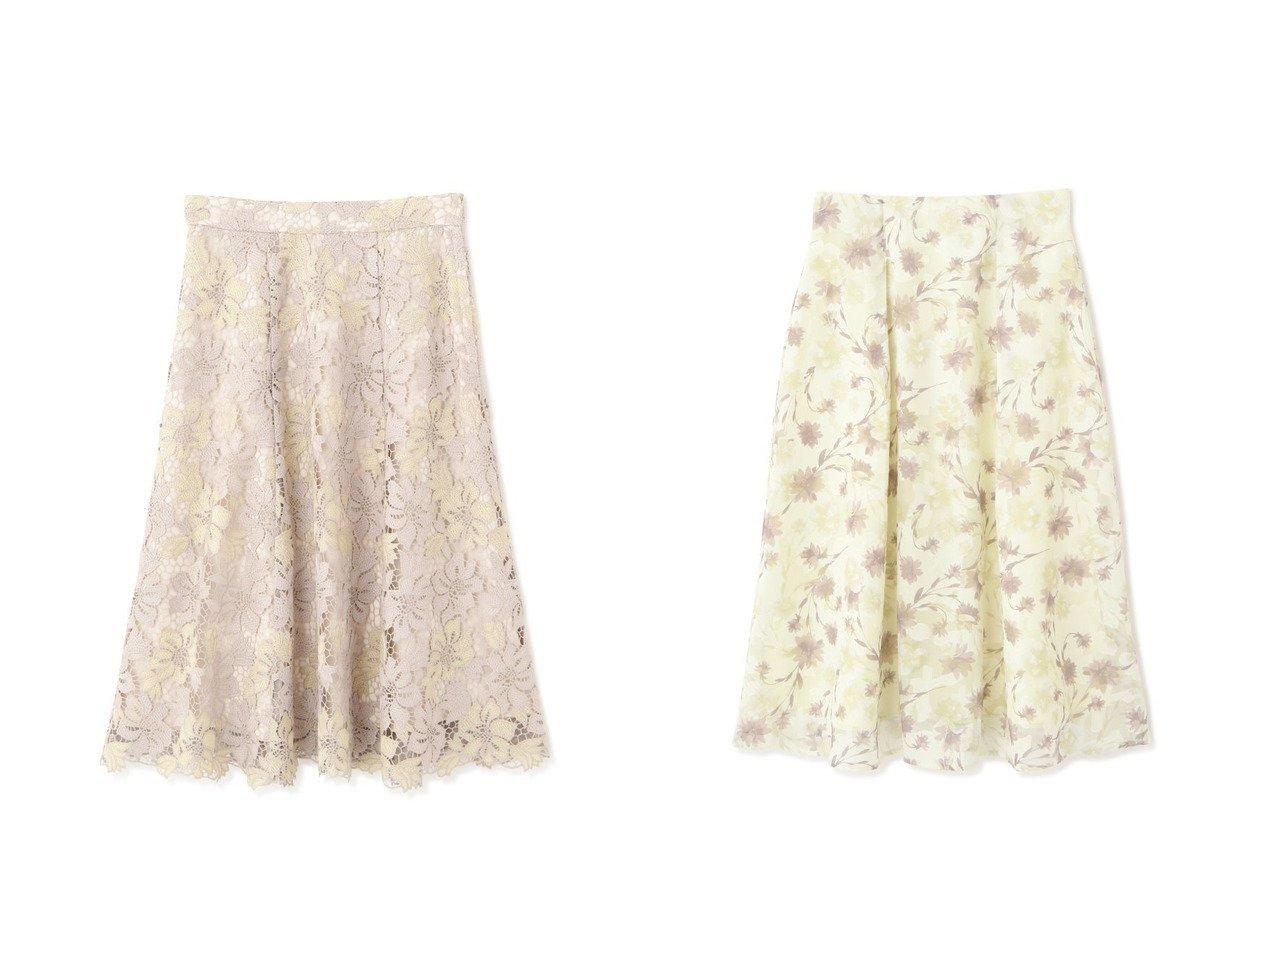 【PROPORTION BODY DRESSING/プロポーション ボディドレッシング】のケミカルフラワーレースフレアスカート&シアージャガードフラワースカート スカートのおすすめ!人気トレンド・レディースファッションの通販 おすすめで人気の流行・トレンド、ファッションの通販商品 メンズファッション・キッズファッション・インテリア・家具・レディースファッション・服の通販 founy(ファニー) https://founy.com/ ファッション Fashion レディースファッション WOMEN スカート Skirt Aライン/フレアスカート Flared A-Line Skirts カットソー シンプル スタンダード トレンド フレア レース 人気 今季 定番 フラワー リブニット 春 |ID:crp329100000008981